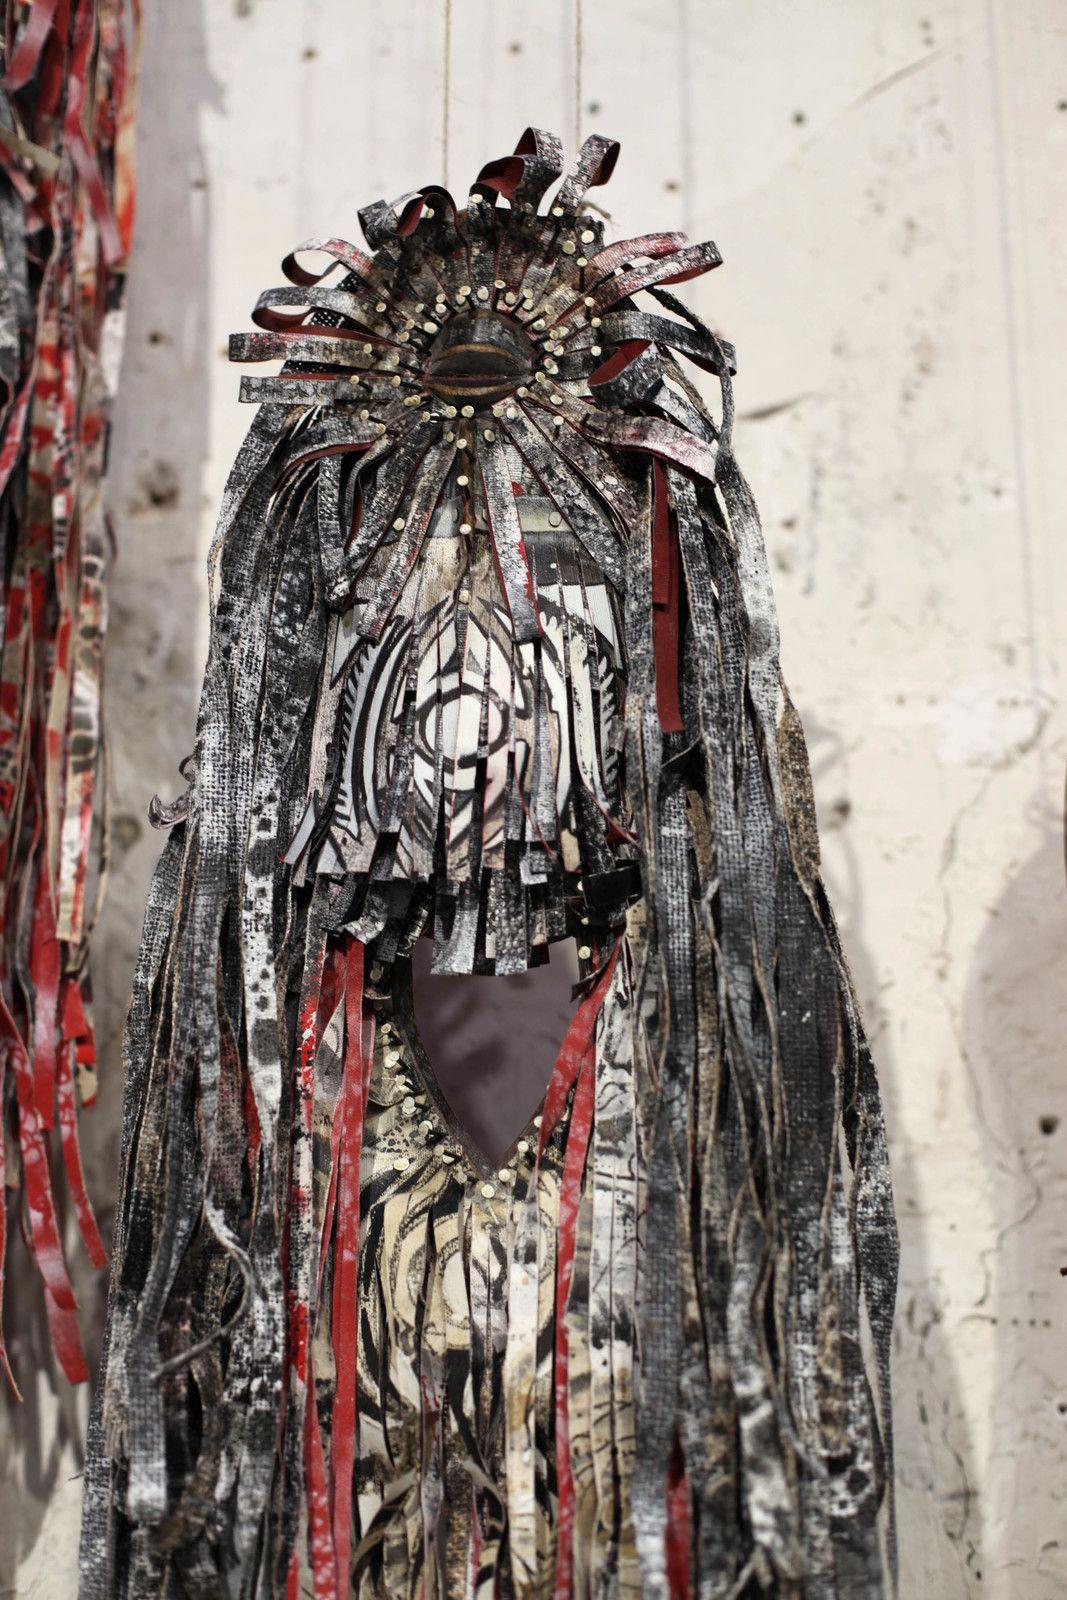 """Détail """"Lares"""" (Gardian Spirits/Deities), 2020 de Jim SANDERS - Courtesy de l'artiste © Photo Éric Simon"""